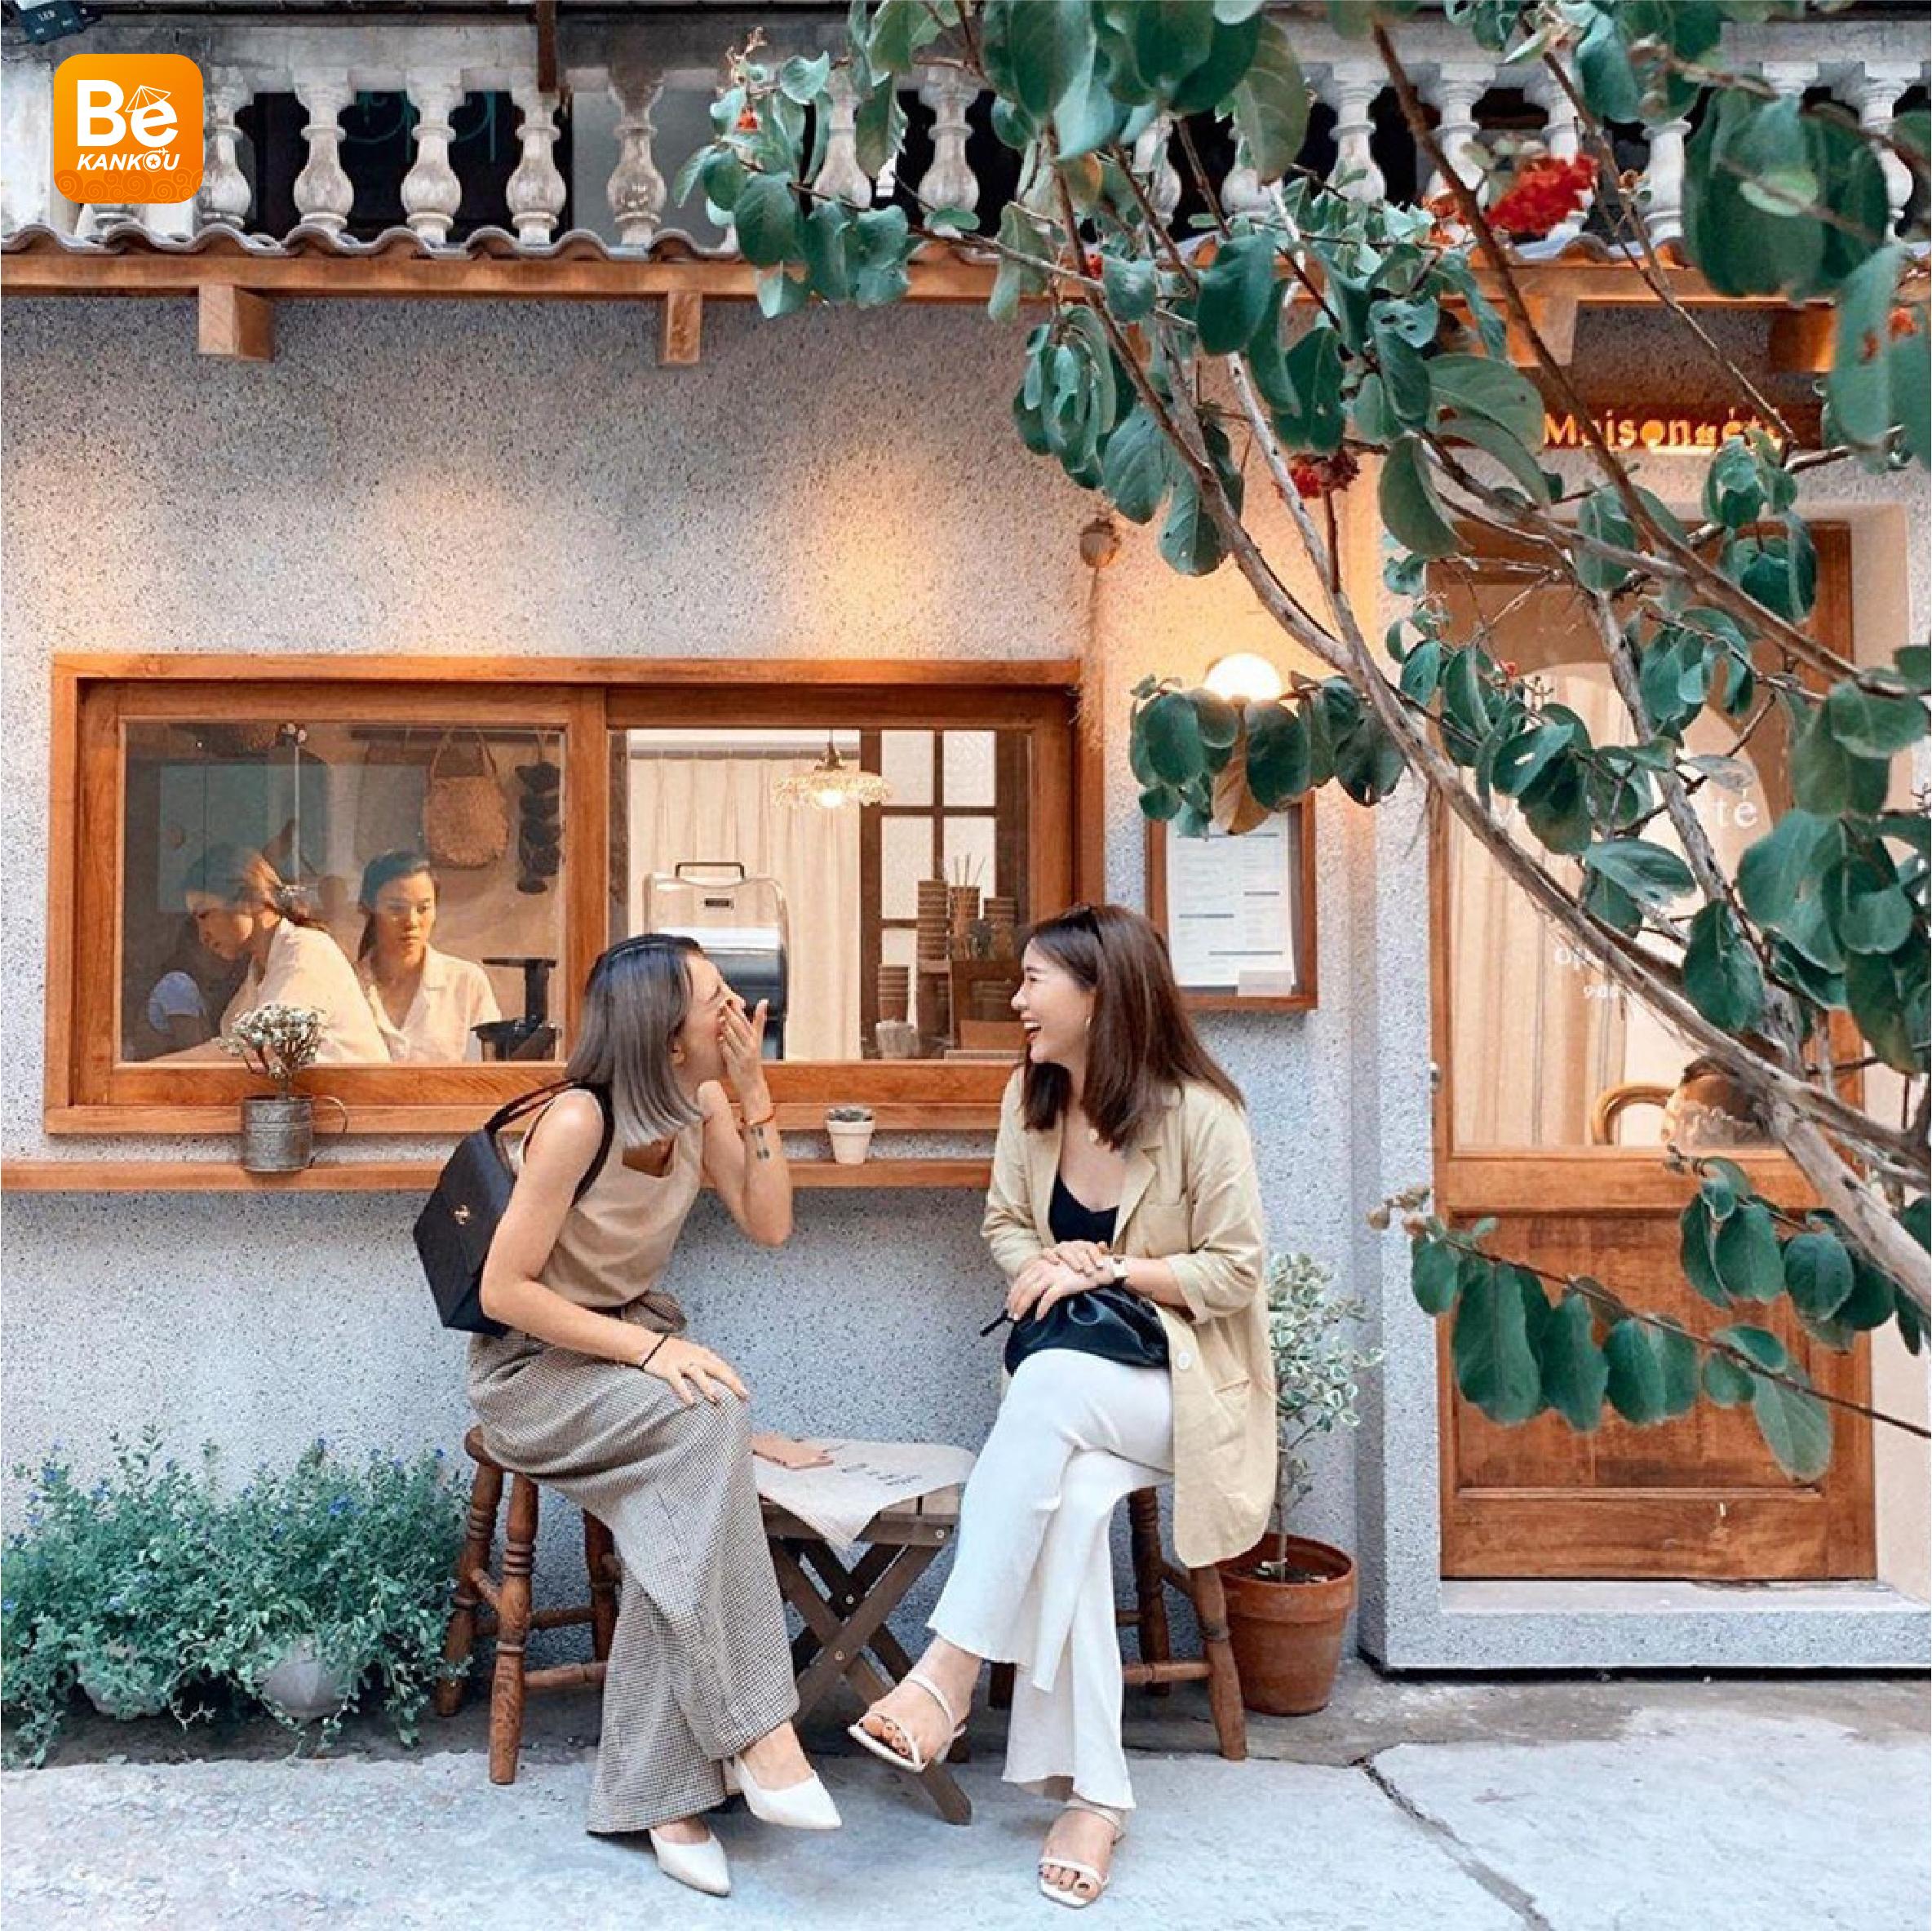 ハノイの中心において韓国市街と同じくらい美しいショッピング・エリアが登場-2